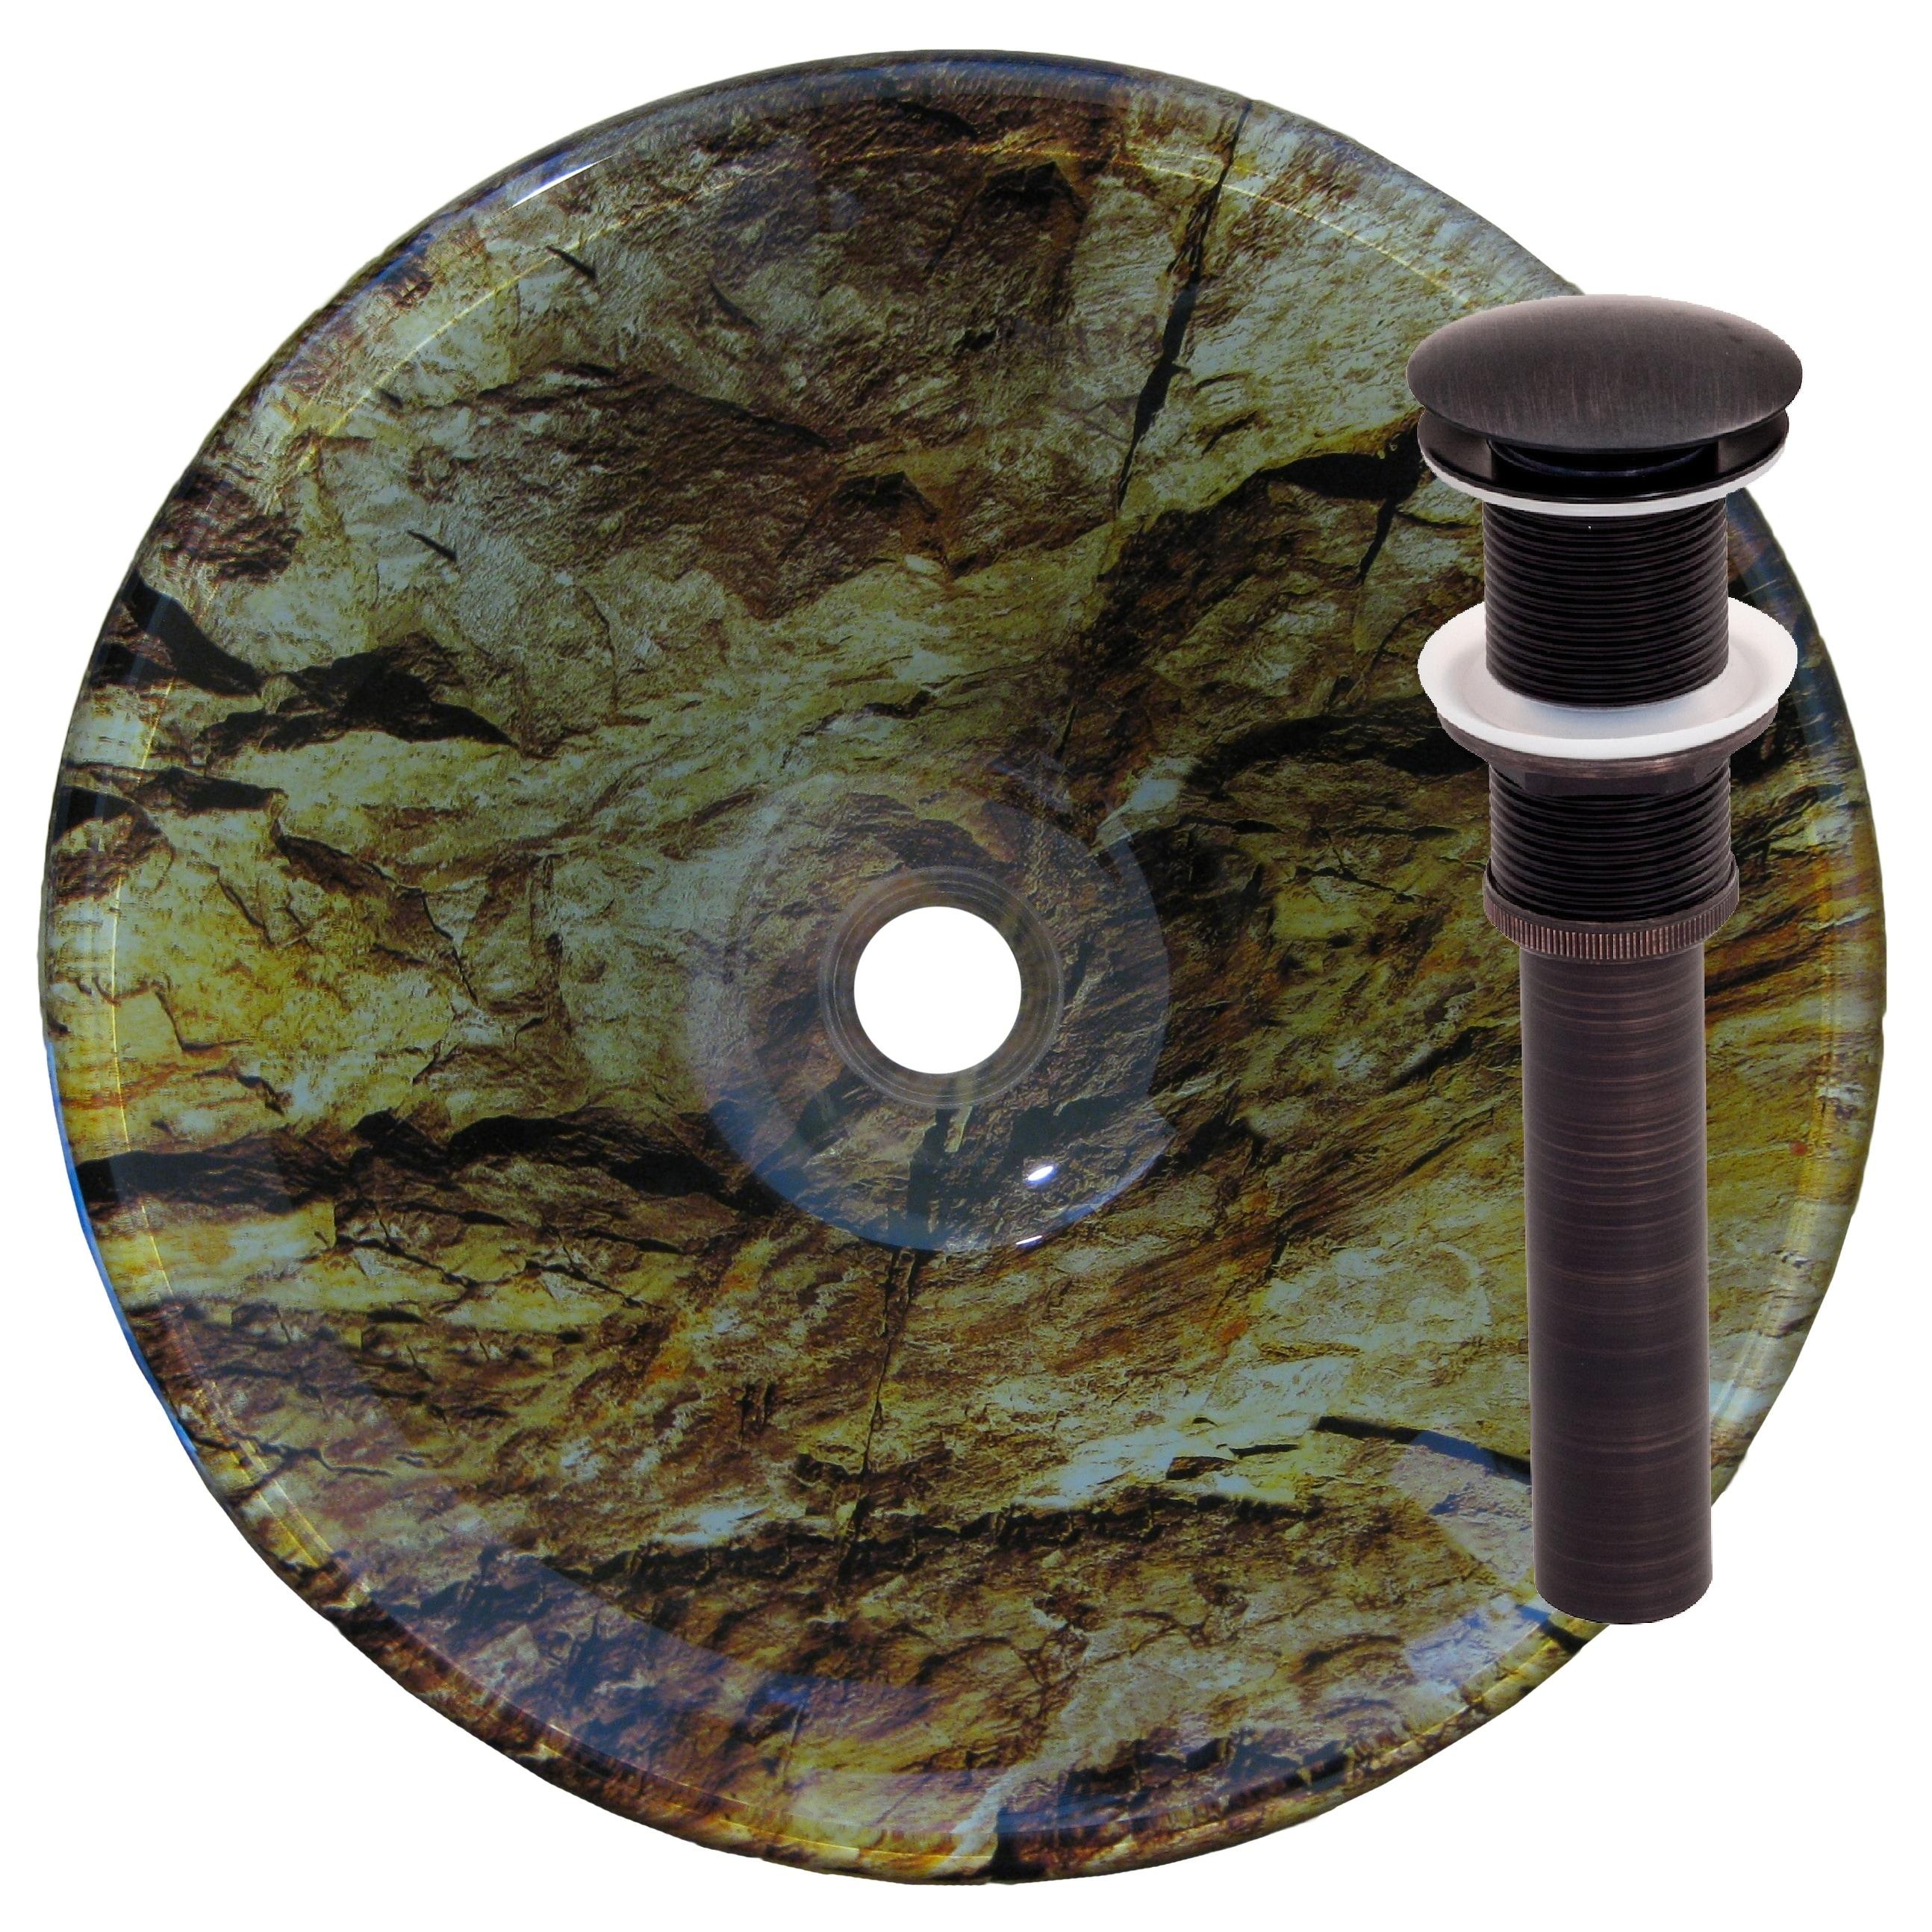 Novatto Mimetizzare Black and Brown Glass Camouflage Vess...